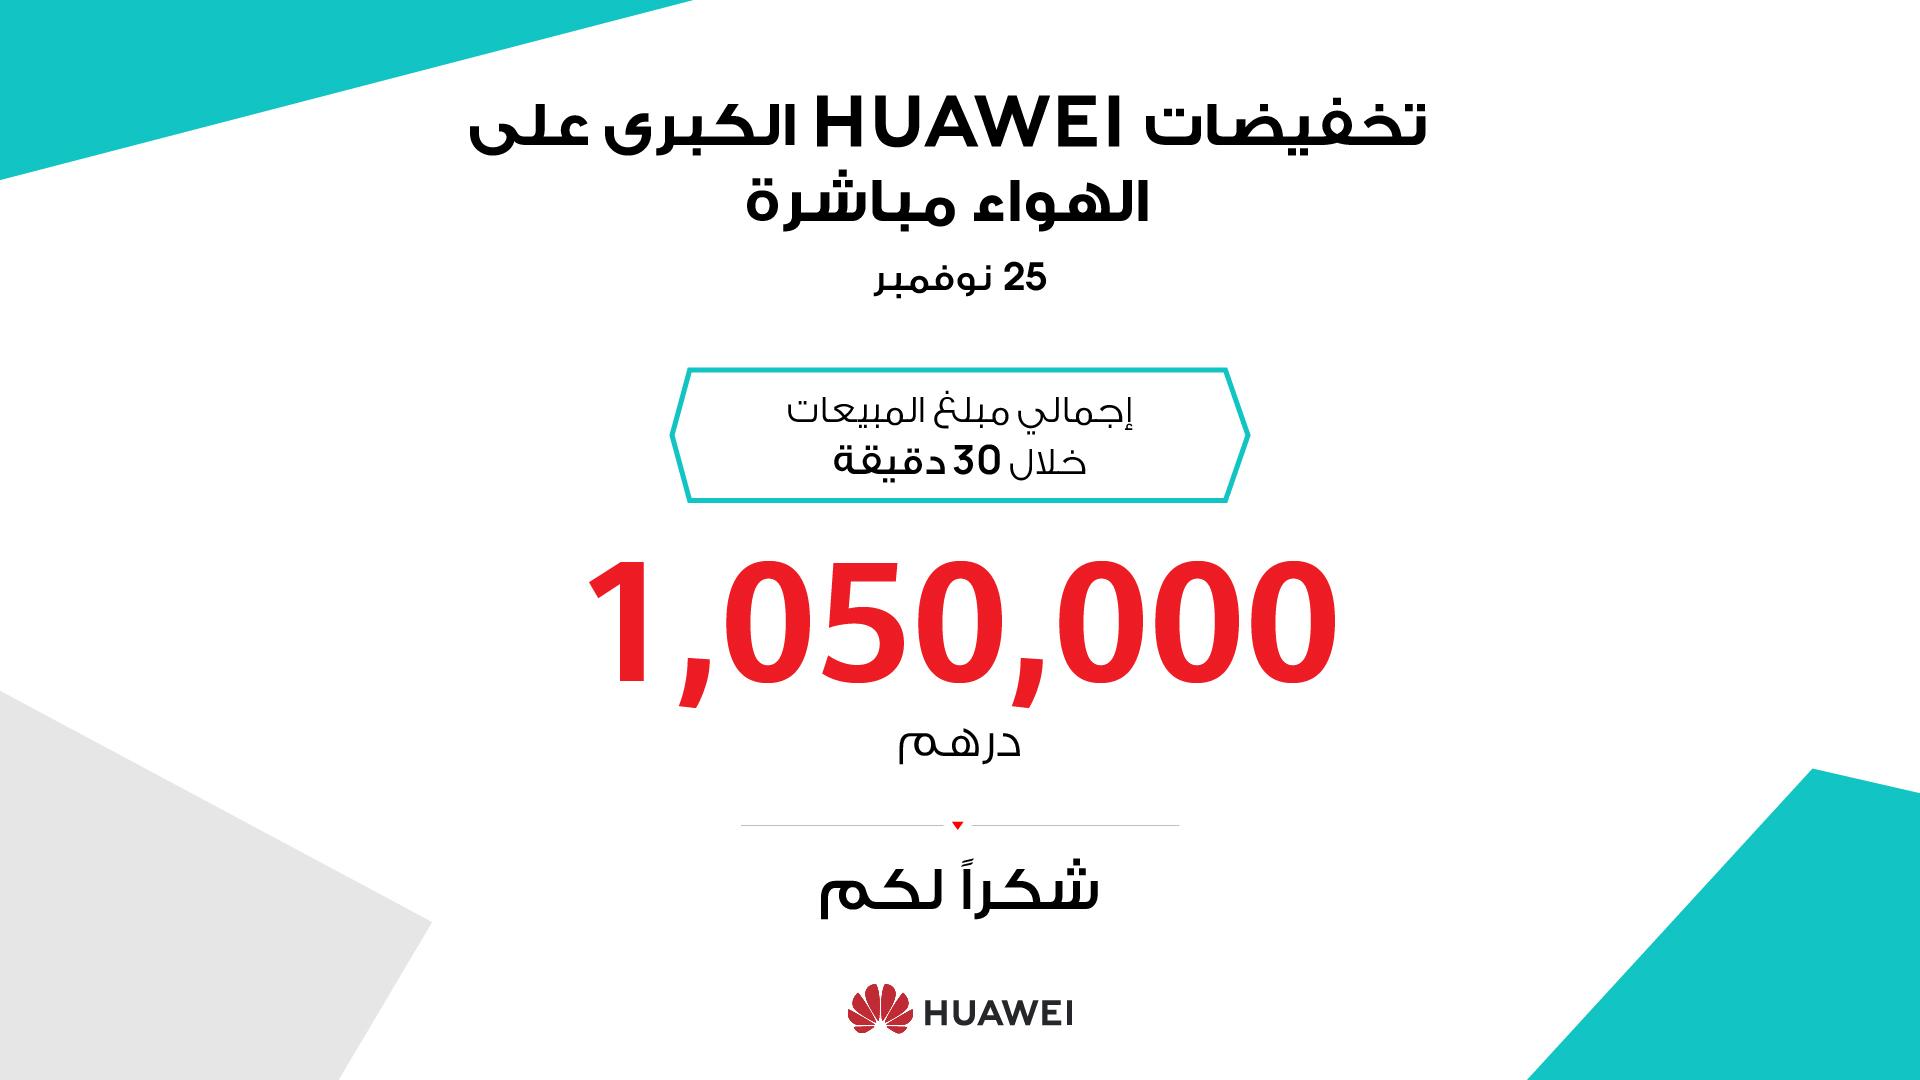 طلبات بقيمة 1,050,000 درهم بمجرد بدء حدث HUAWEI MEGA LIVE SALE